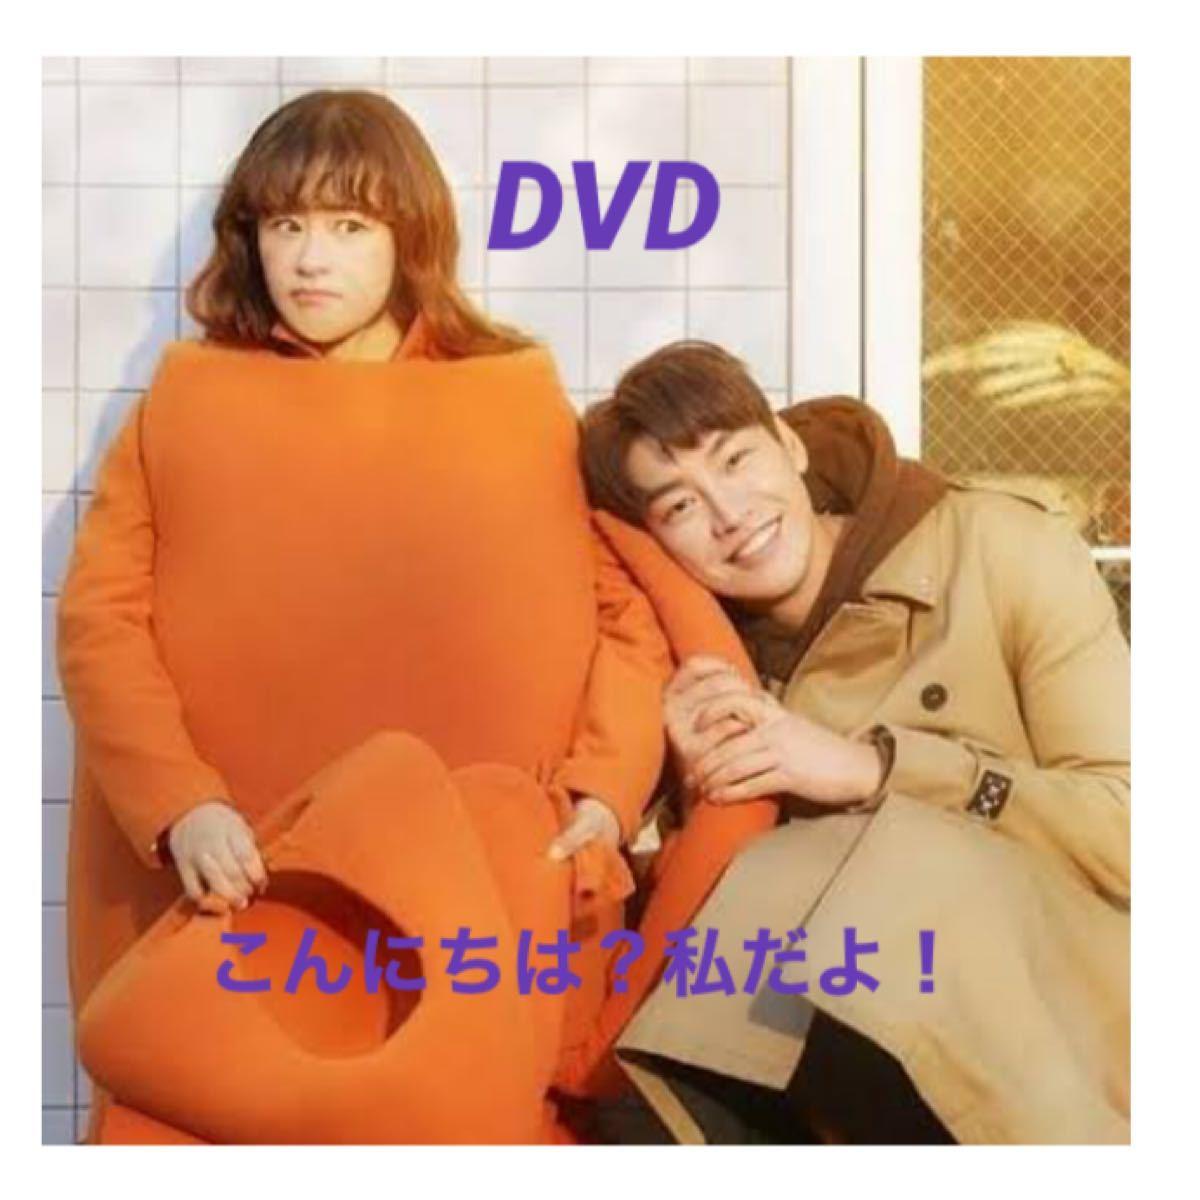 韓国ドラマ こんにちは?私だよ! DVD全話【レーベル印刷あり】